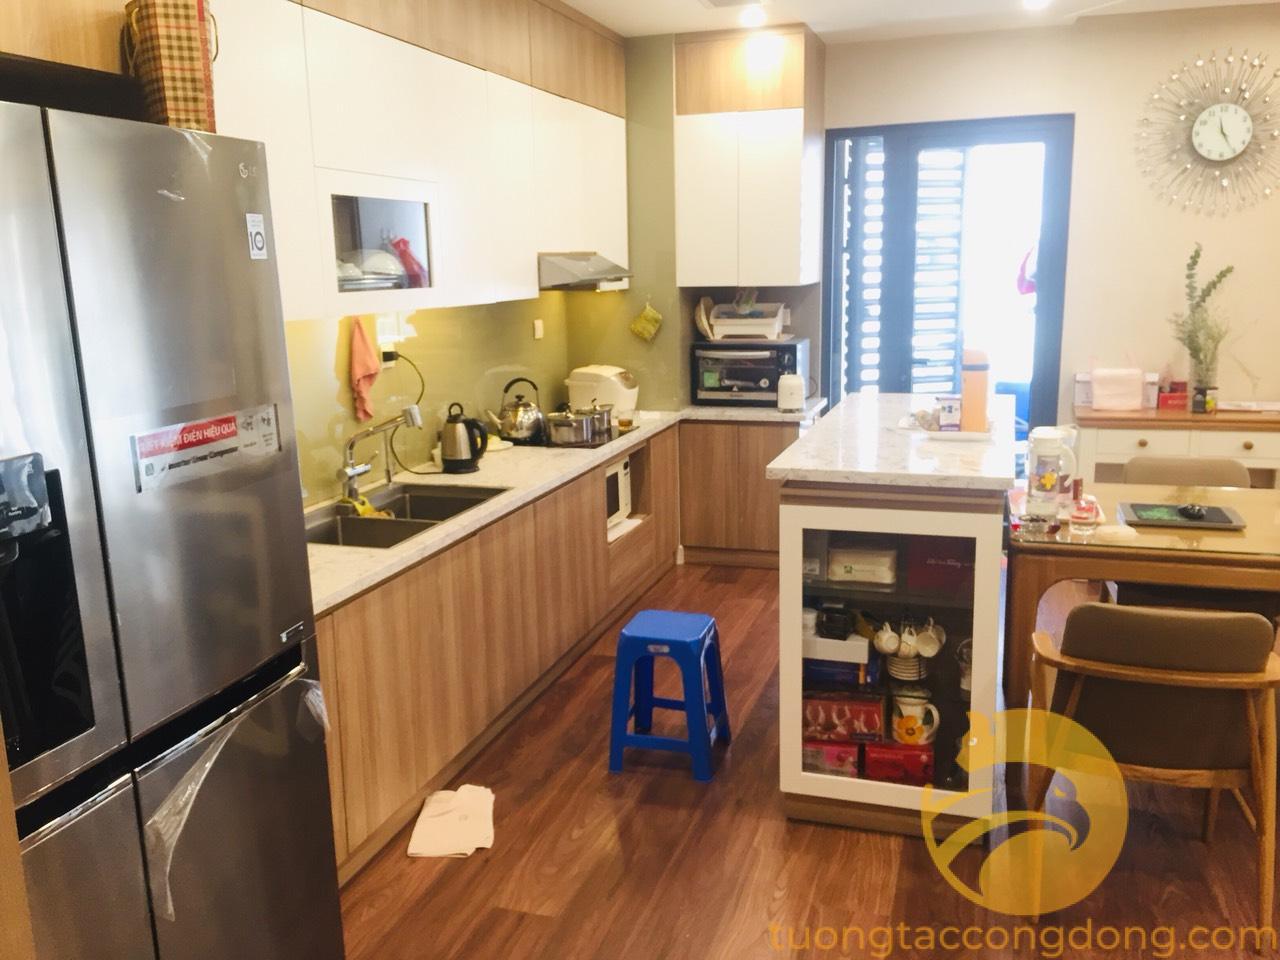 Bán căn hộ Imperia Garden tầng 15 đủ nội thất, 4 phòng ngủ